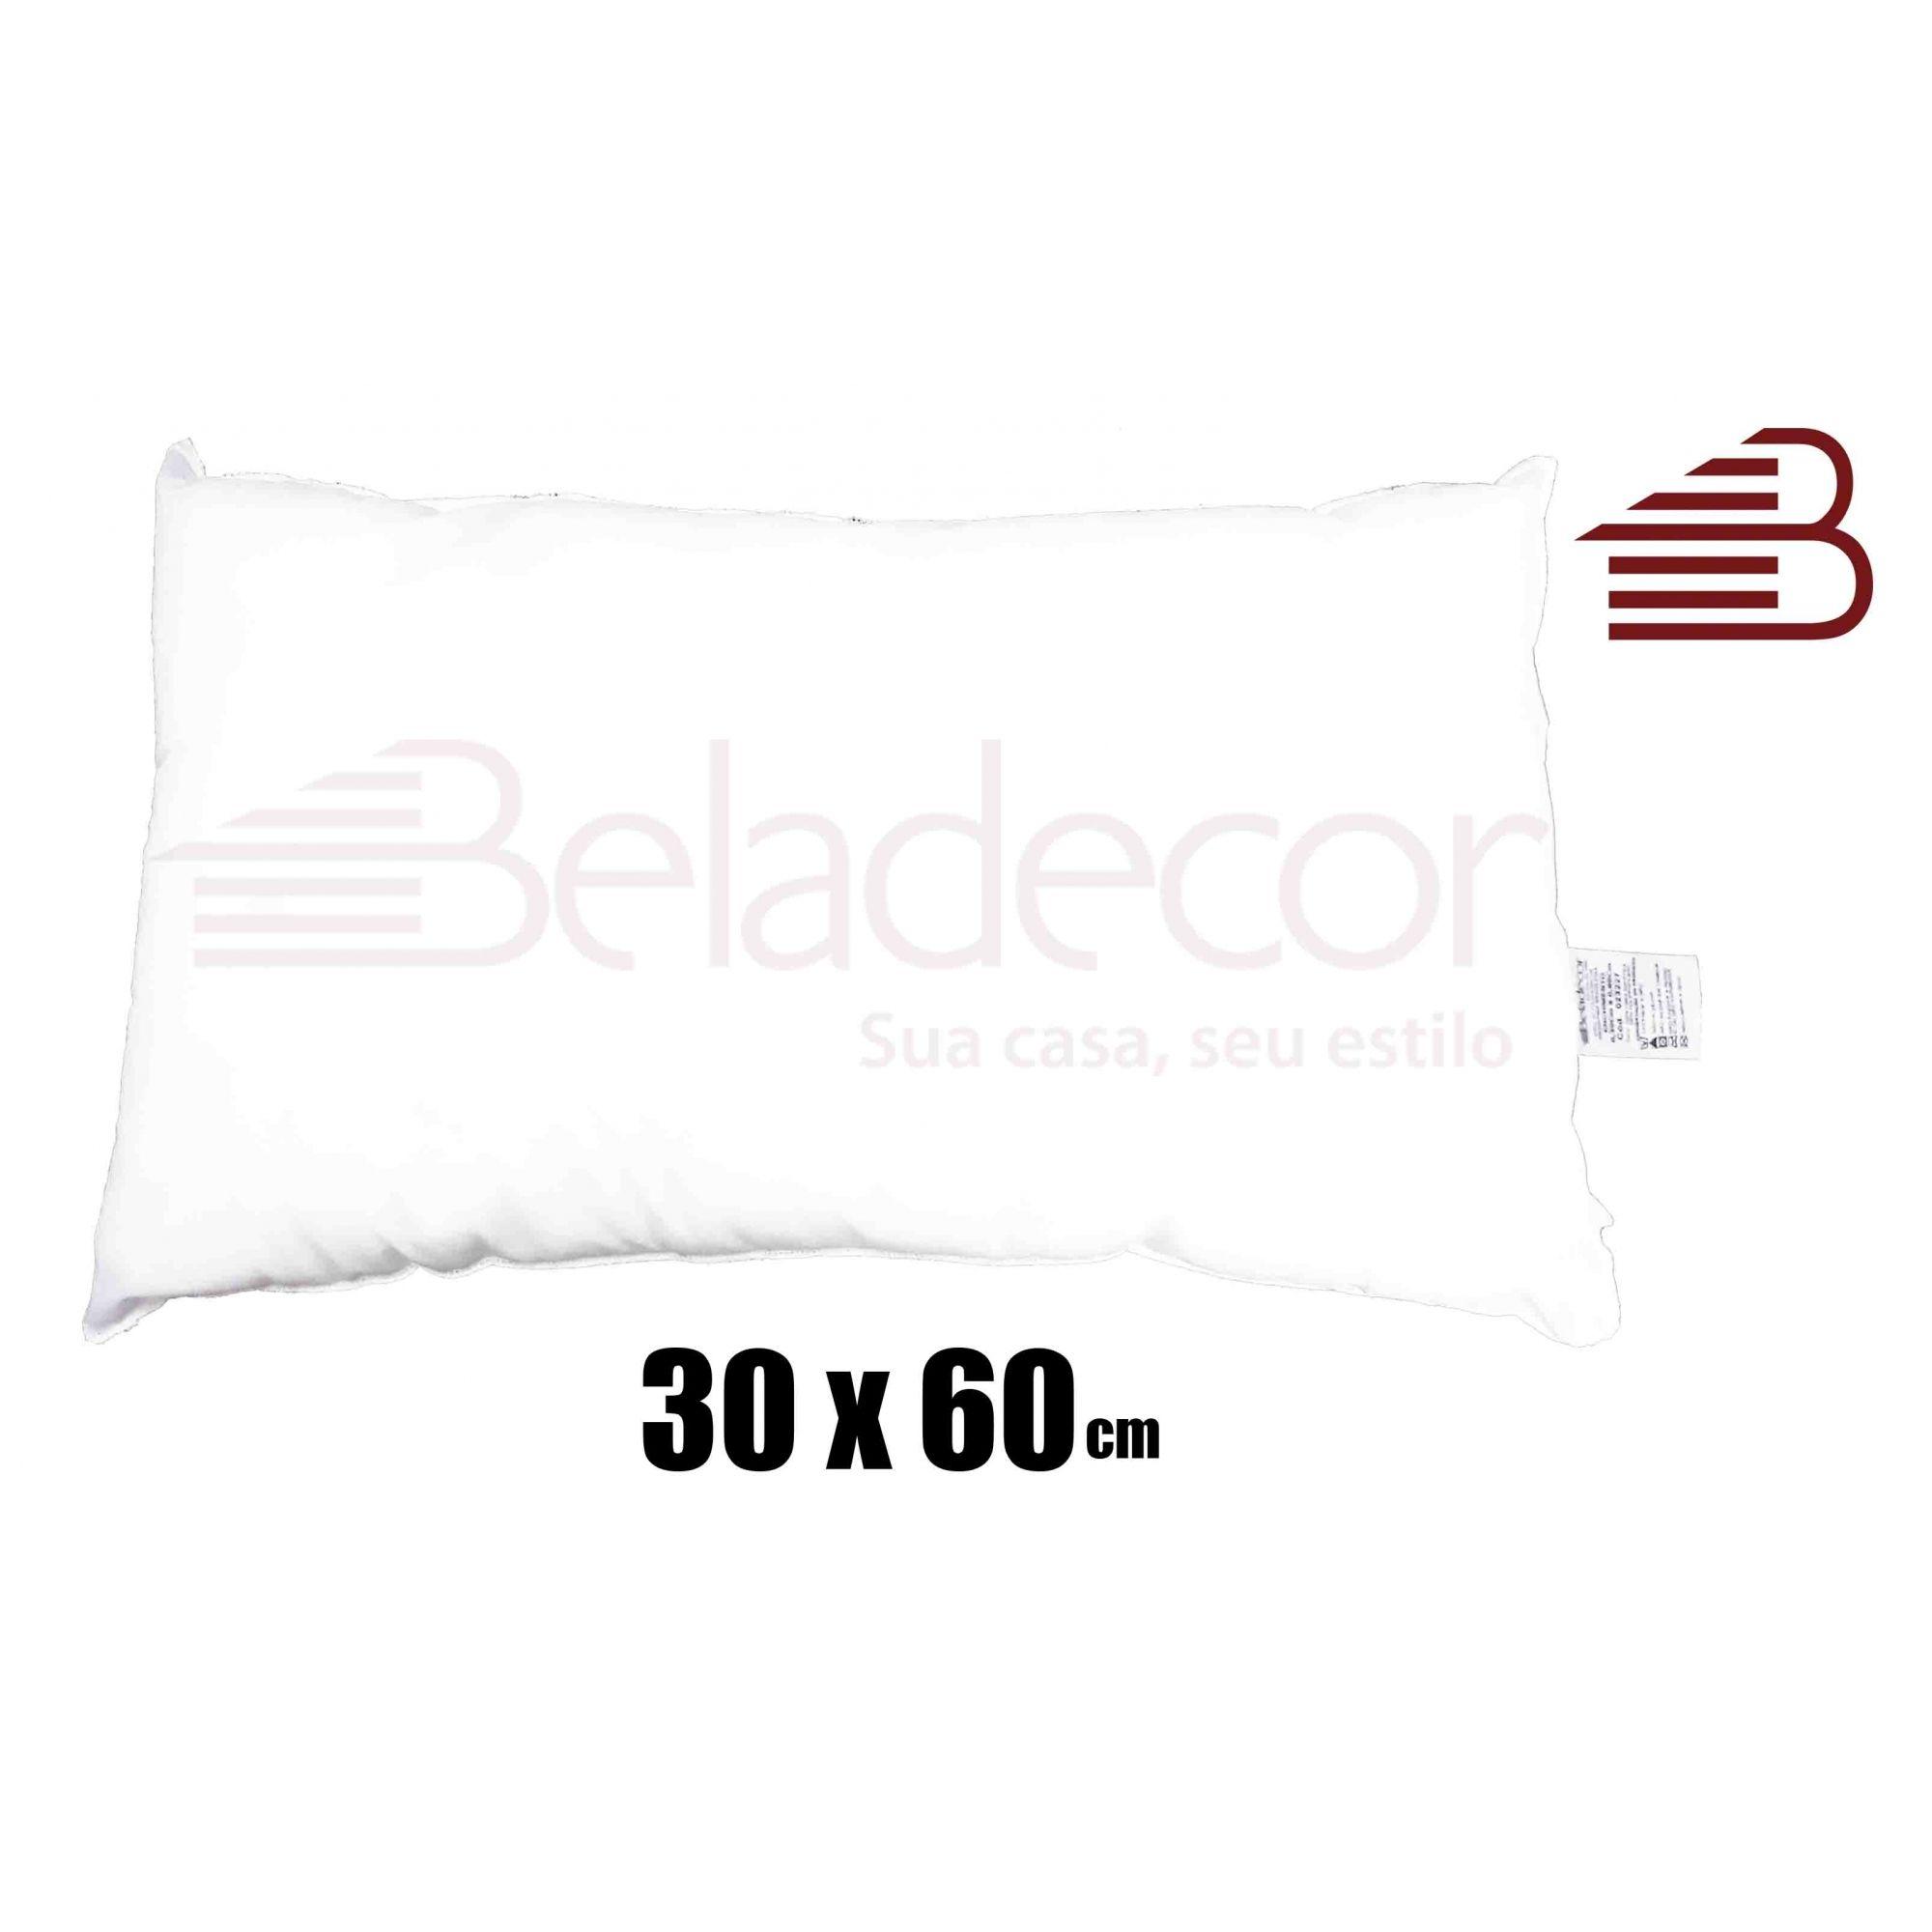 ENCHIMENTO DE ALMOFADA BELADECOR 30CM X 60CM